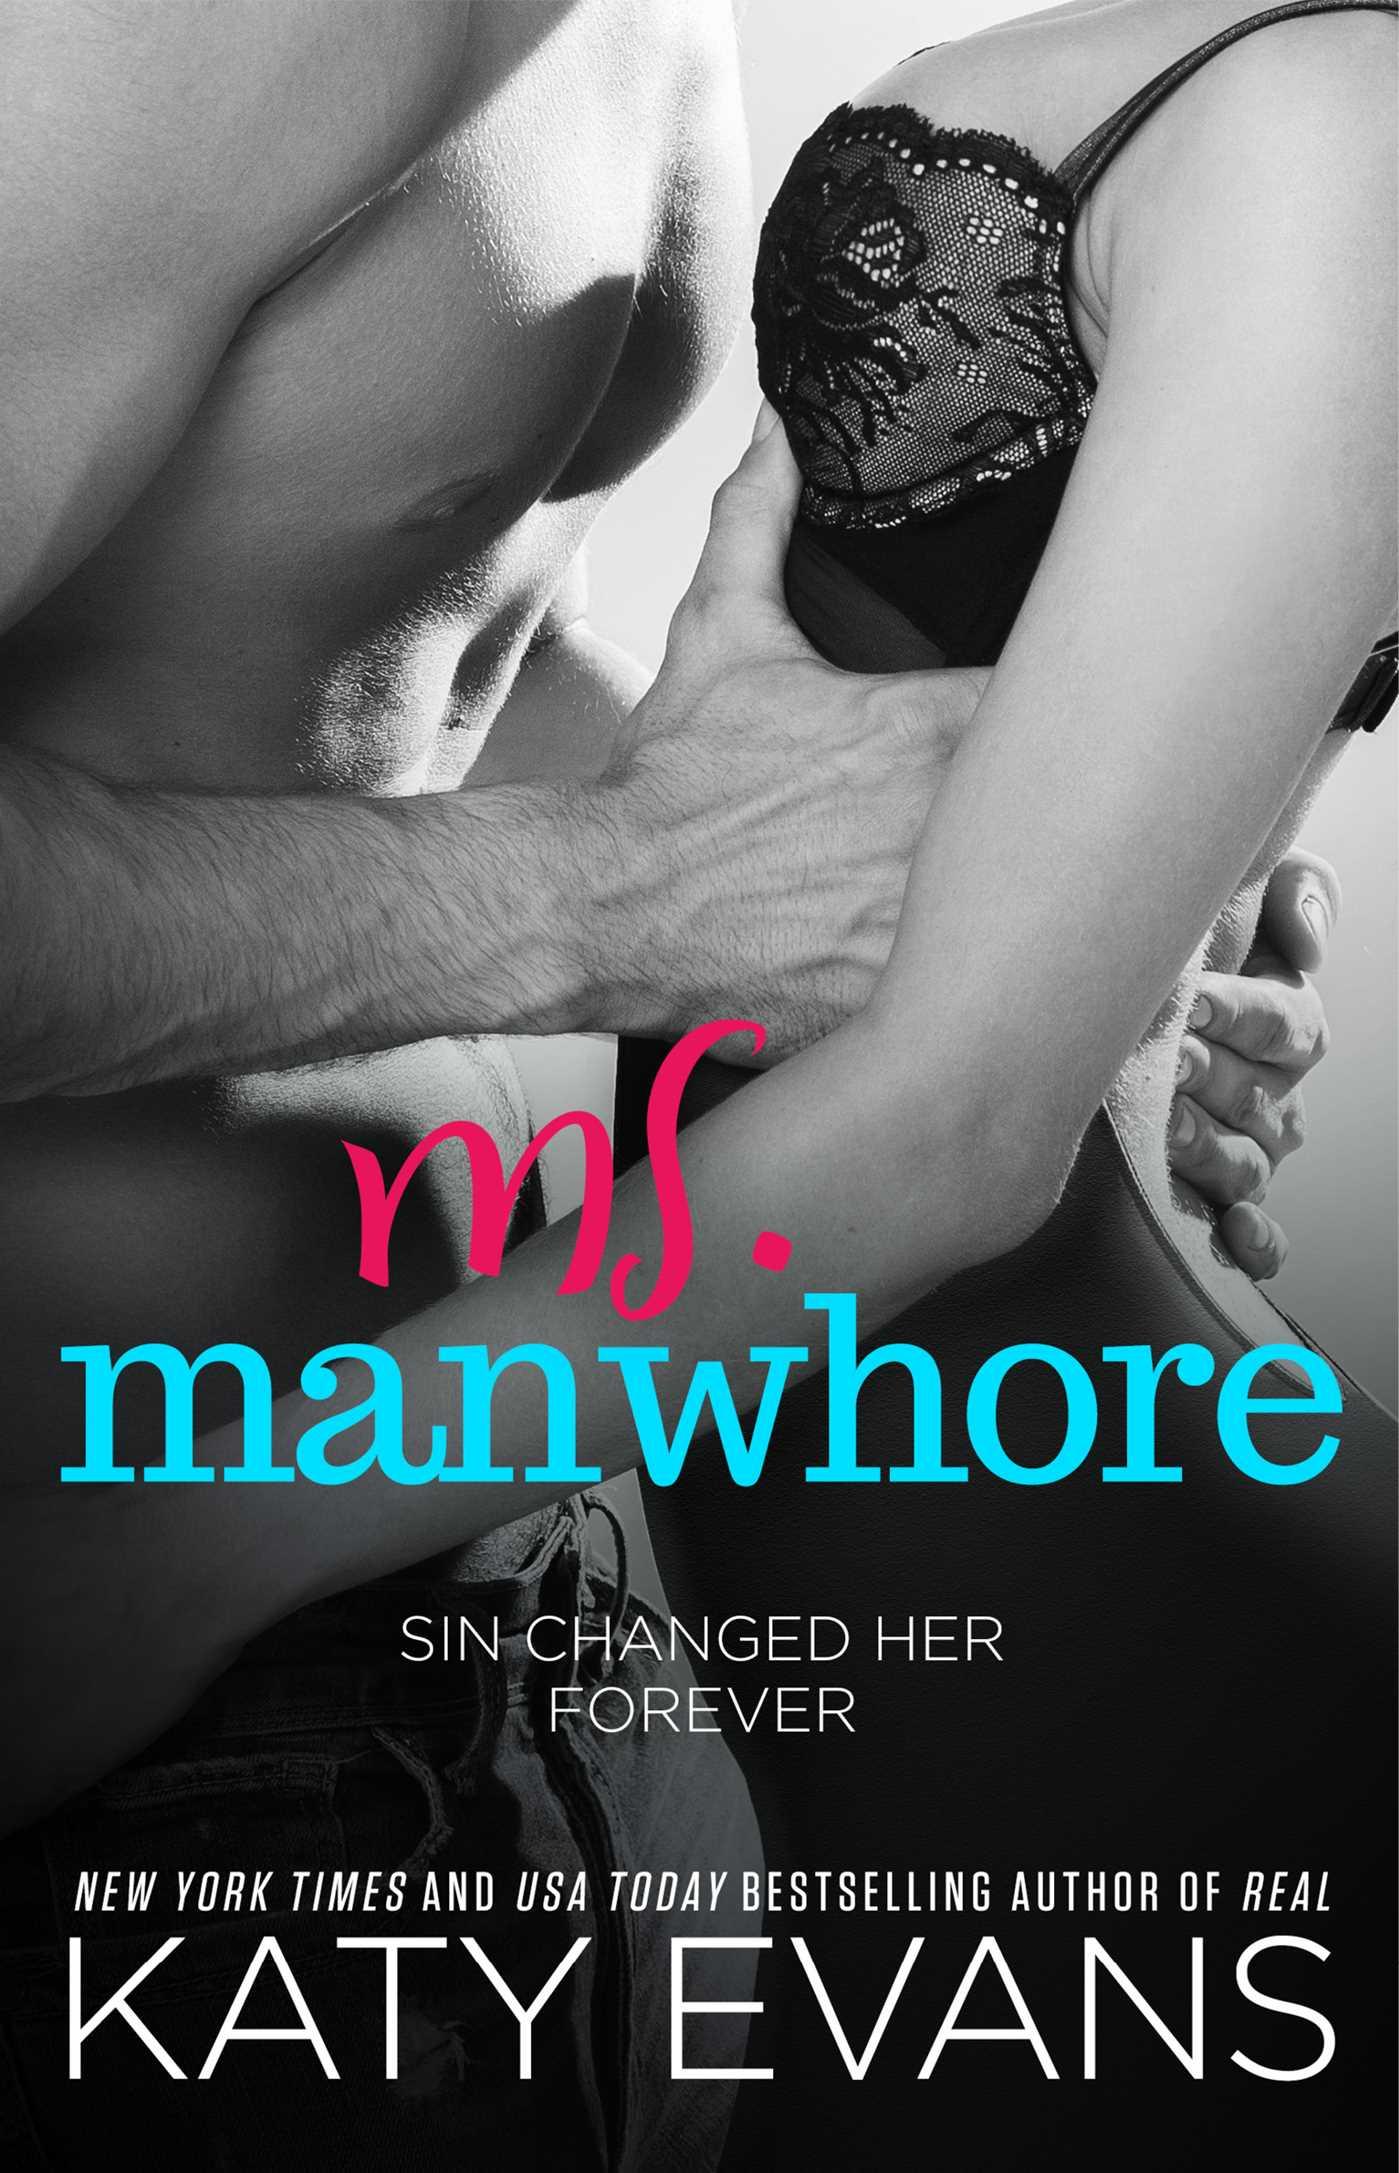 Ms manwhore 9781501126895 hr